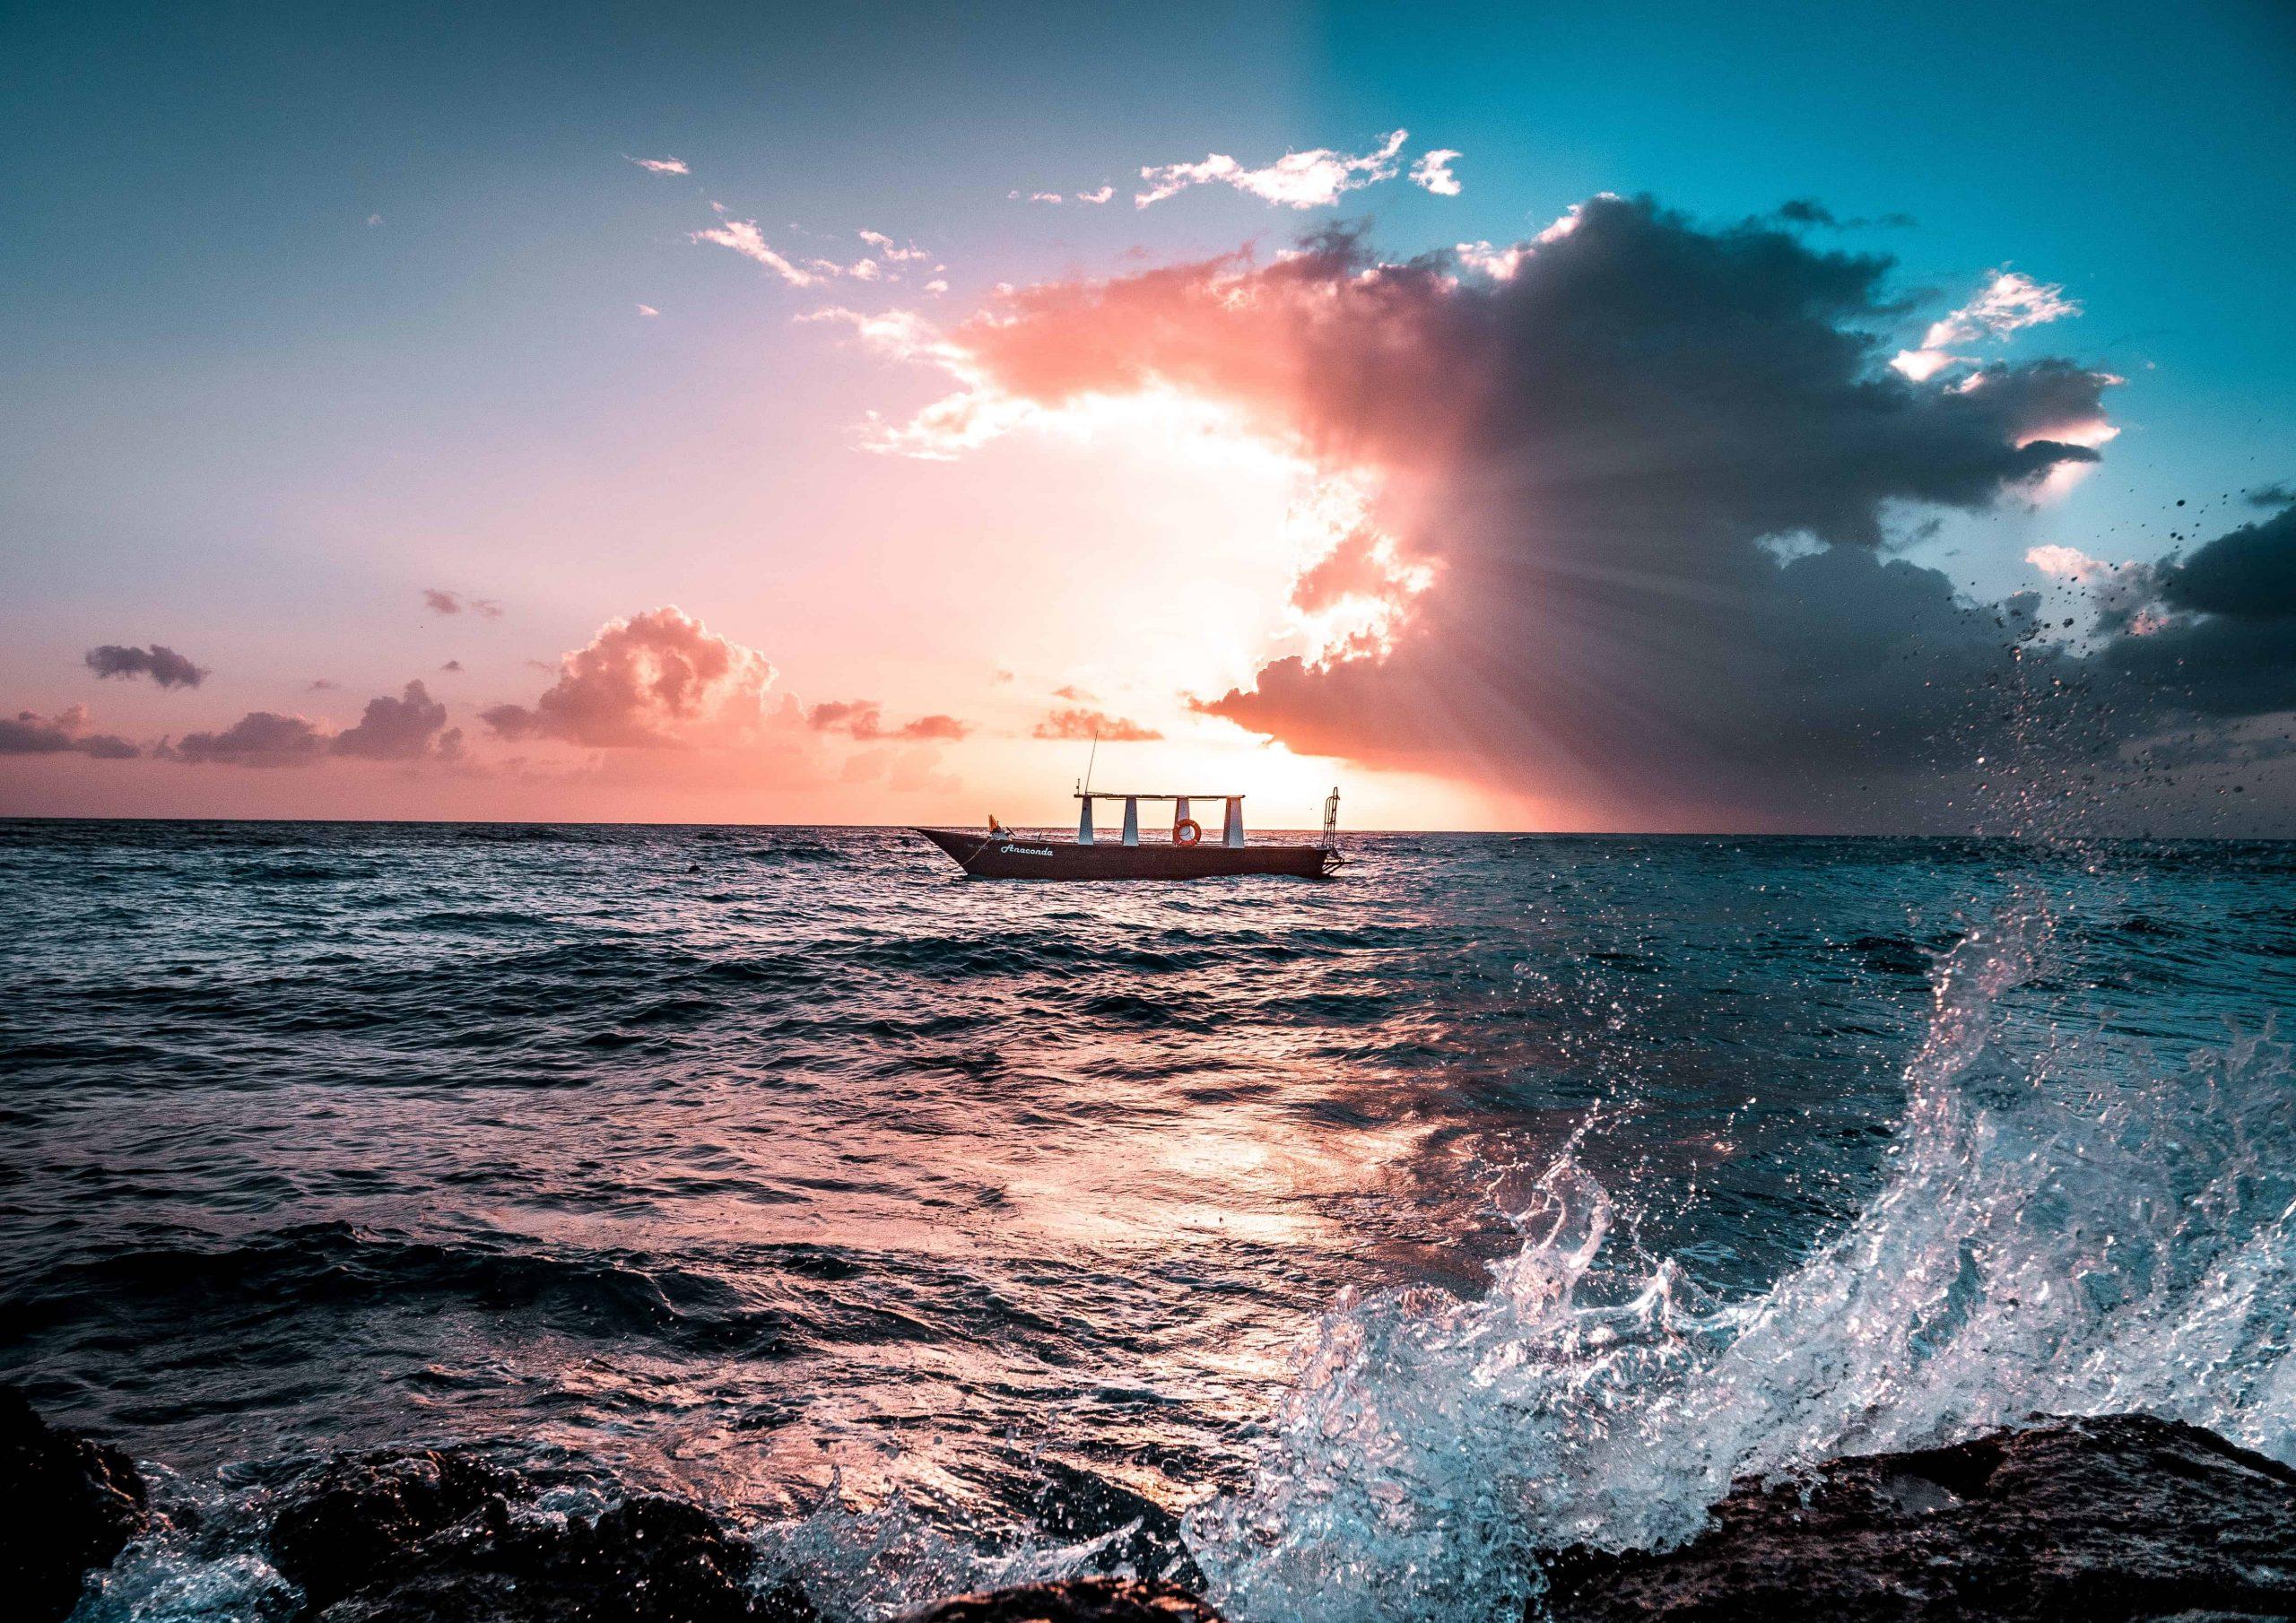 Rundreise ABC Inseln: Empfehlungen & Vergleich (09/21)